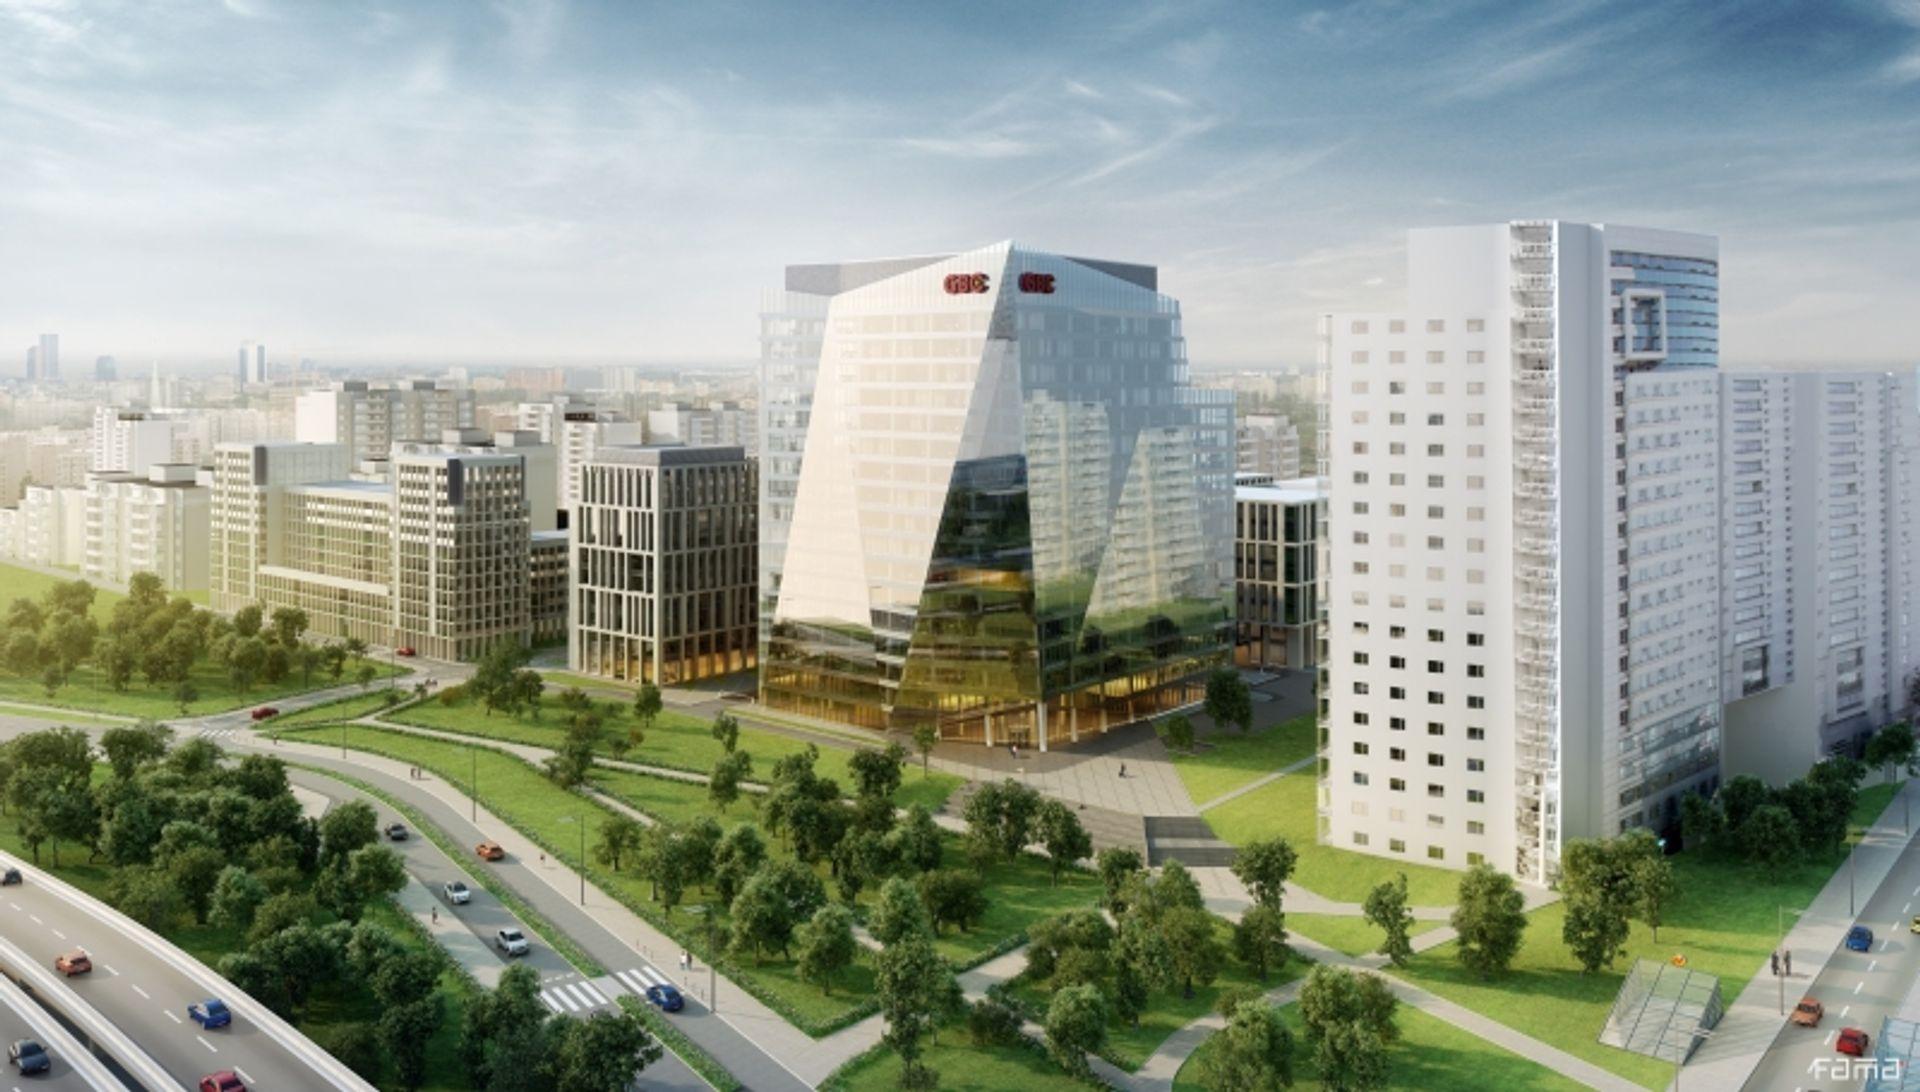 [Warszawa] JLL zarządcą biurowca Gdański Business Center w Warszawie